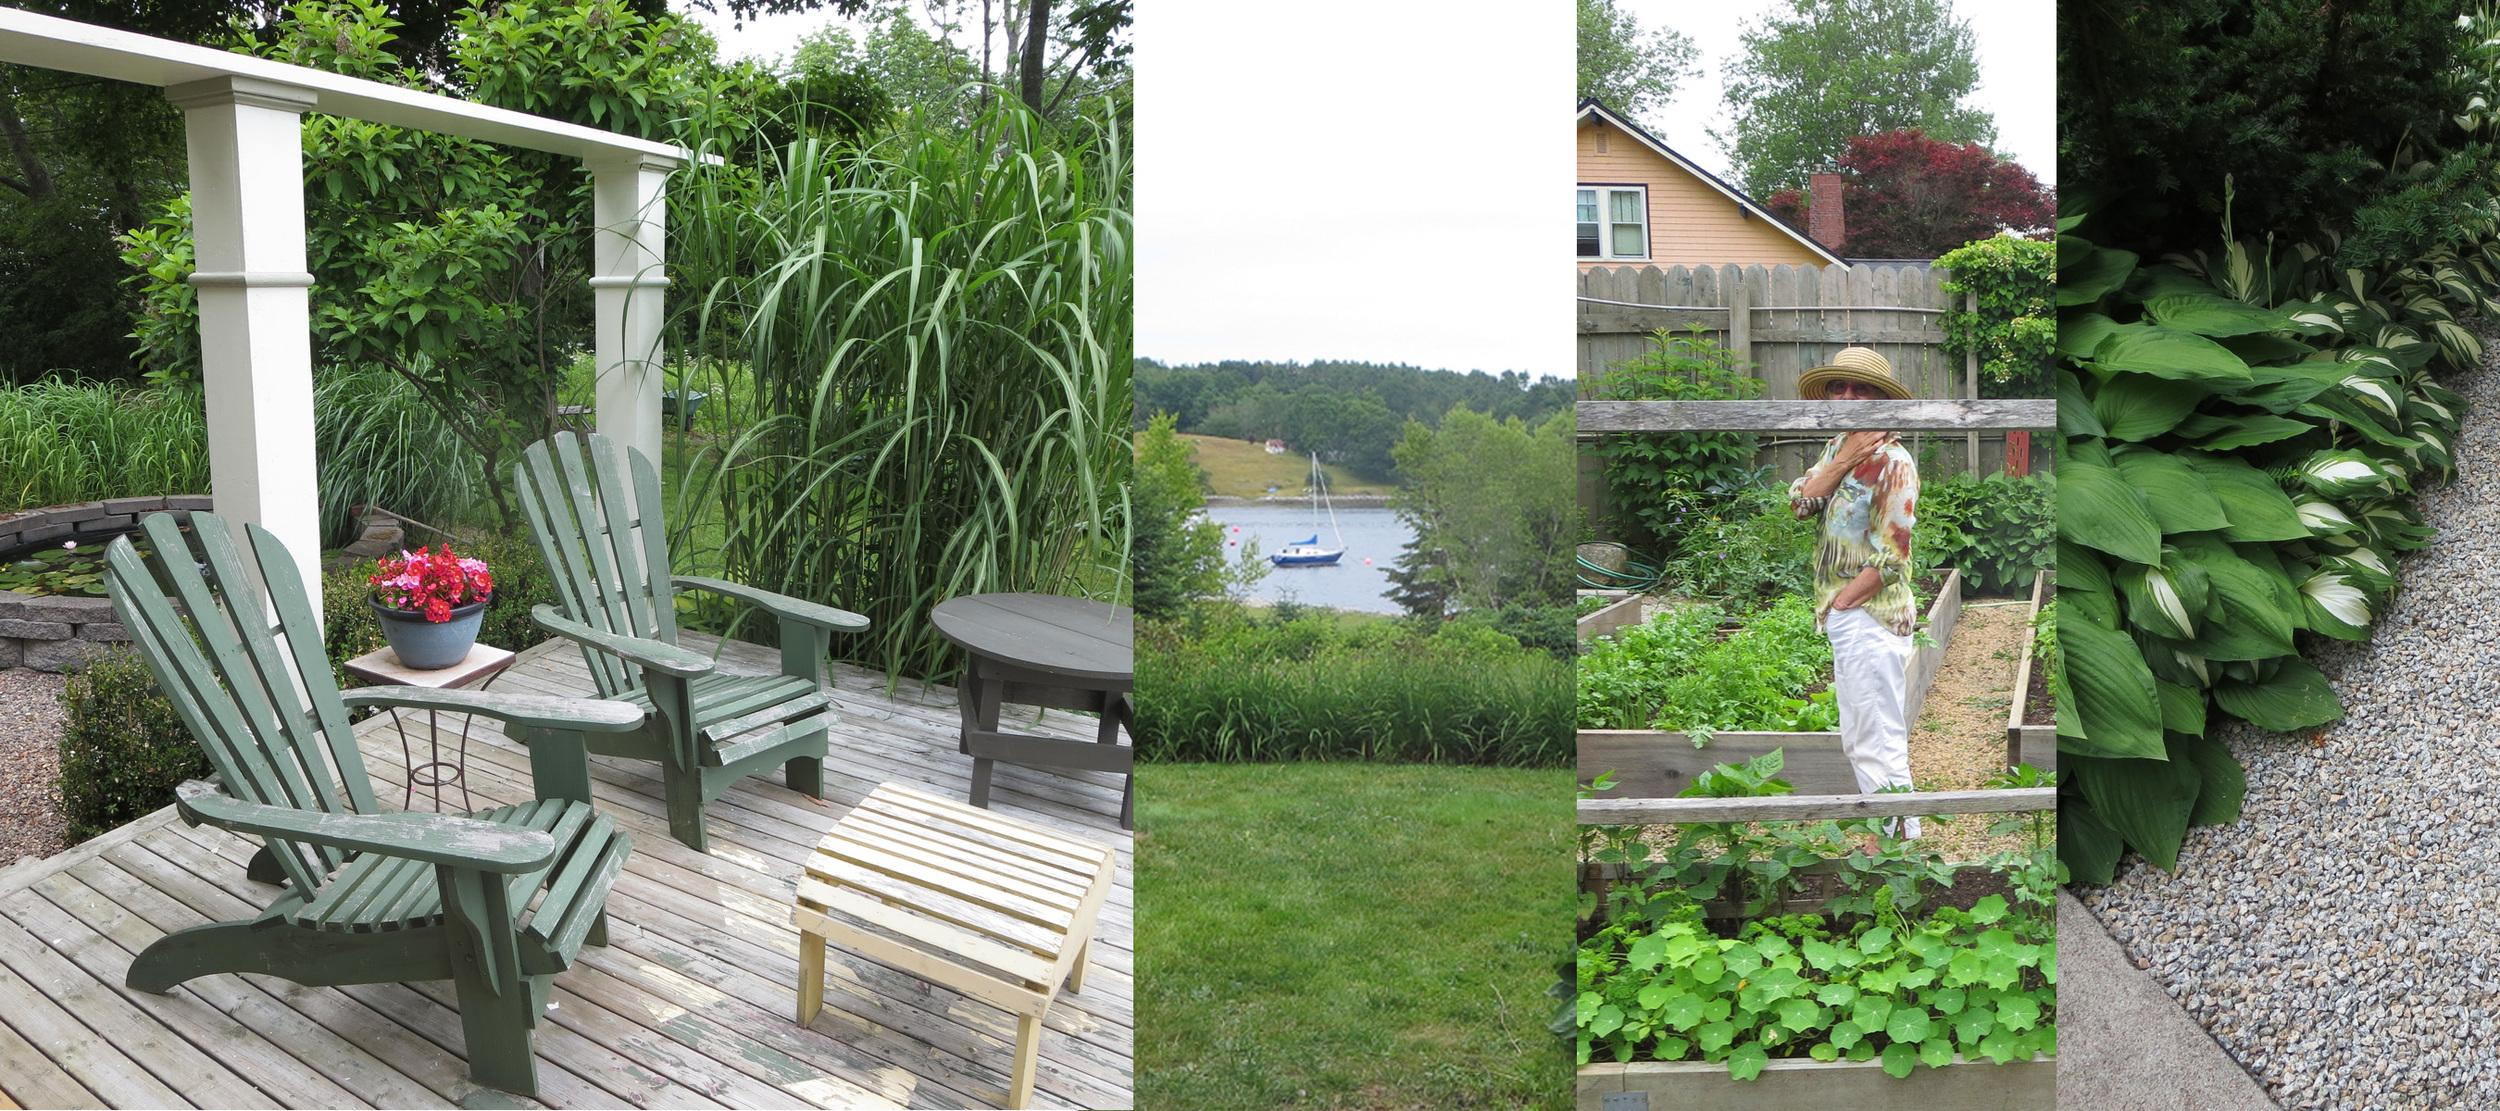 Free-standing deck, sea views, kitchen garden, gravel path